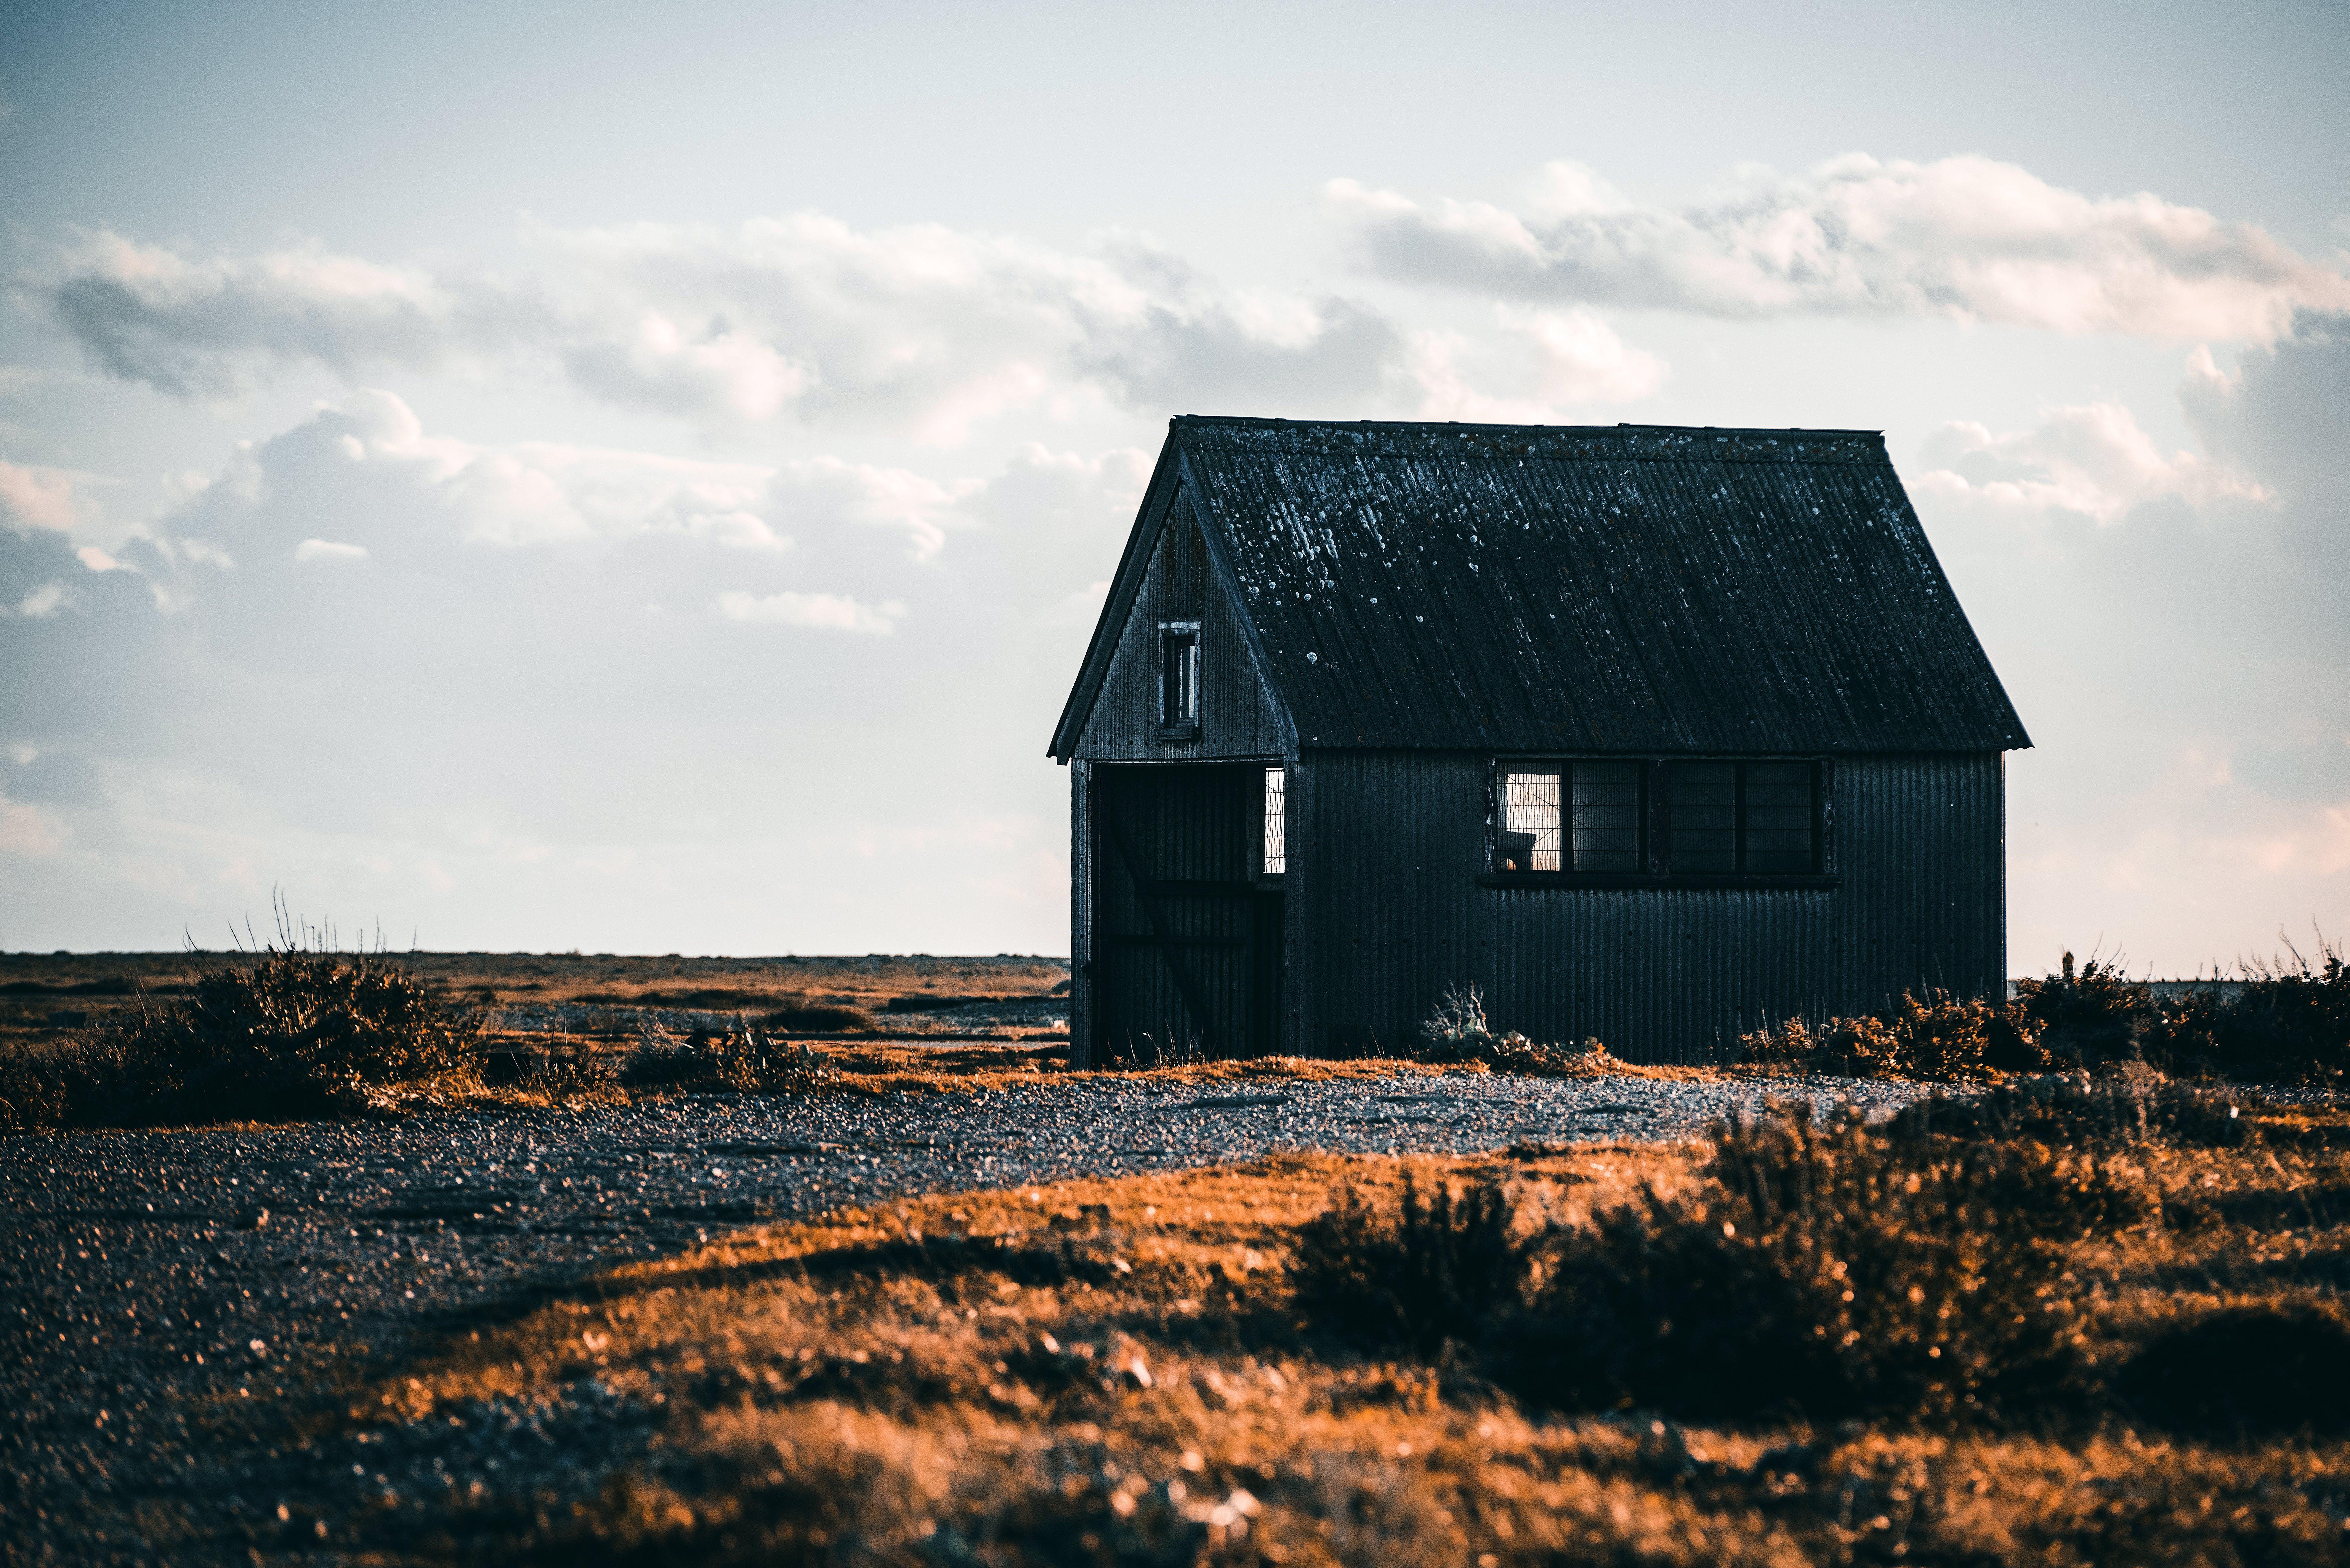 Kostenloses Stock Foto zu bauernhof, bungalow, draußen, entfernt